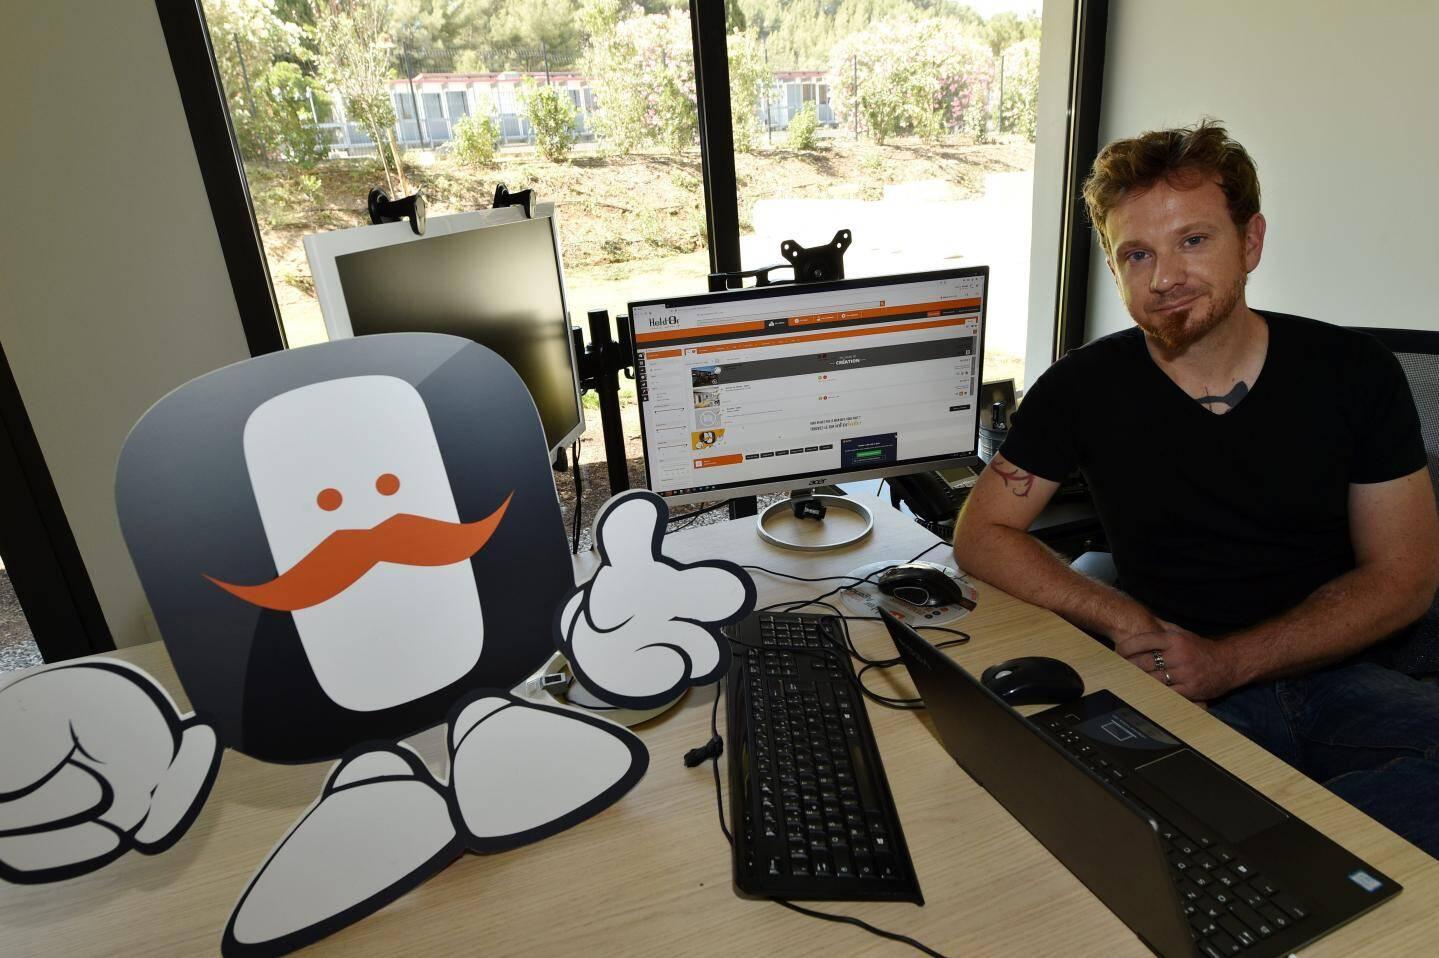 Le logiciel Hektor, symbolisé par un moustachu, compte plus de 35.000 utilisateurs.